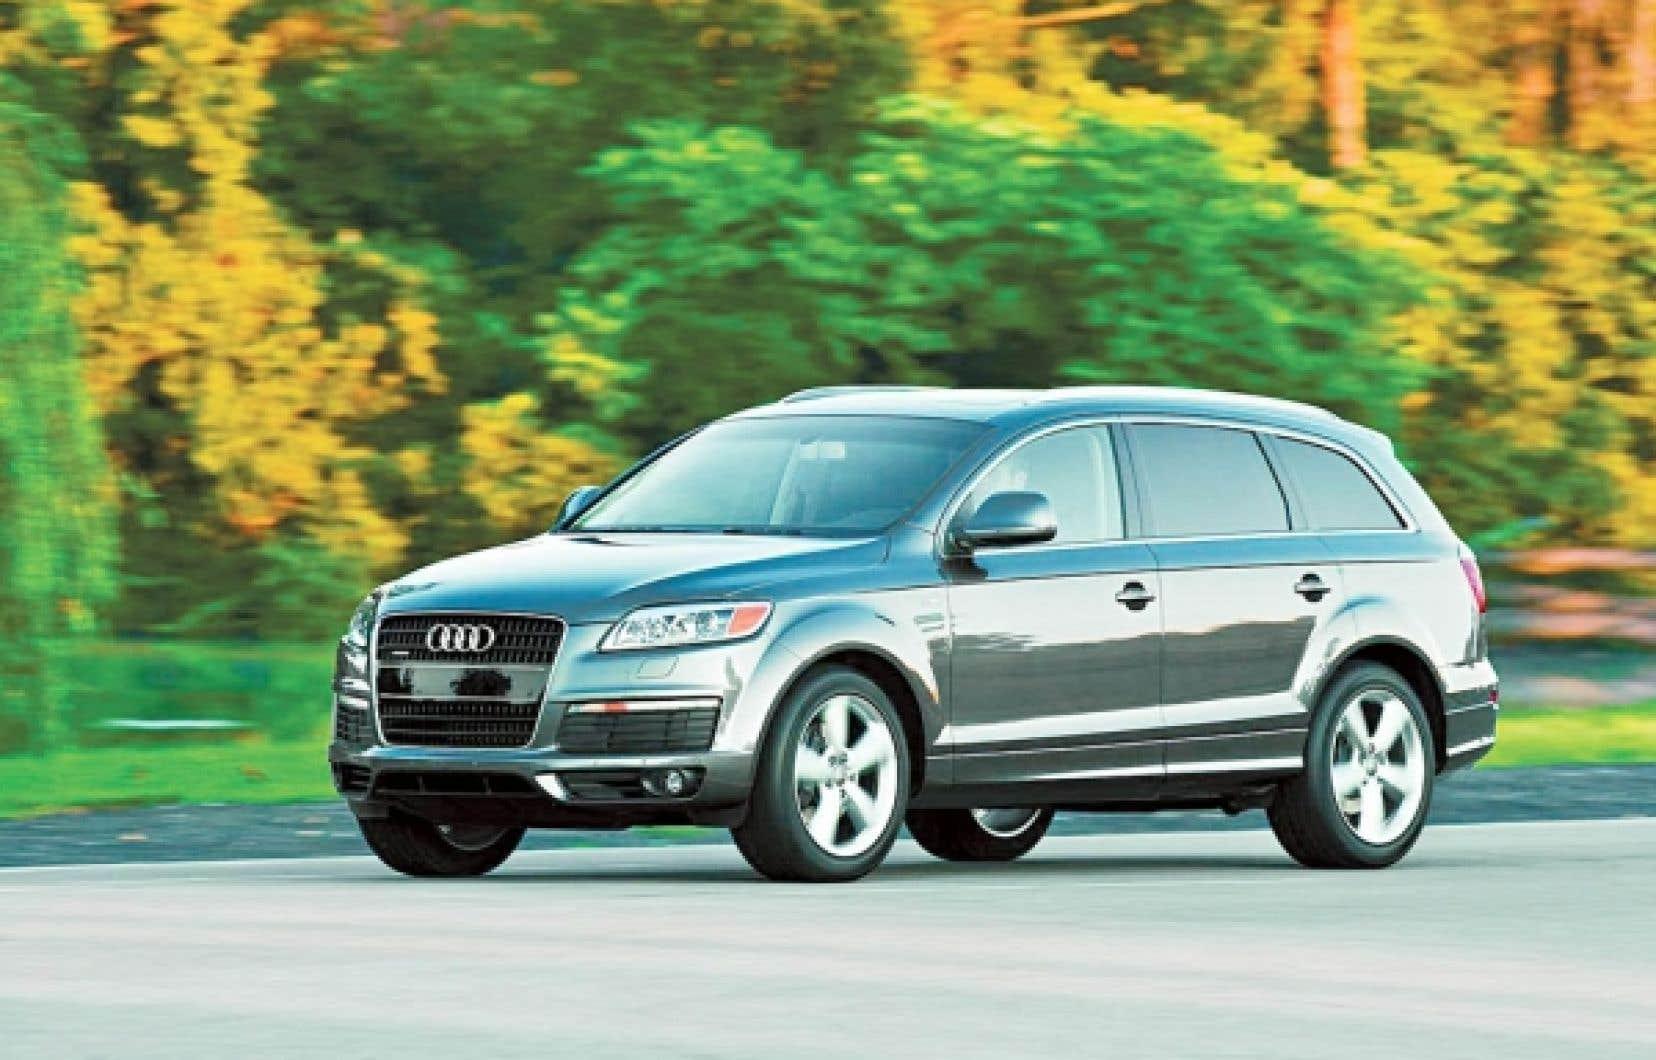 Le Q7 d'Audi en impose: il a l'air costaud, viril, et c'est exactement ce que veut la clientèle cible.